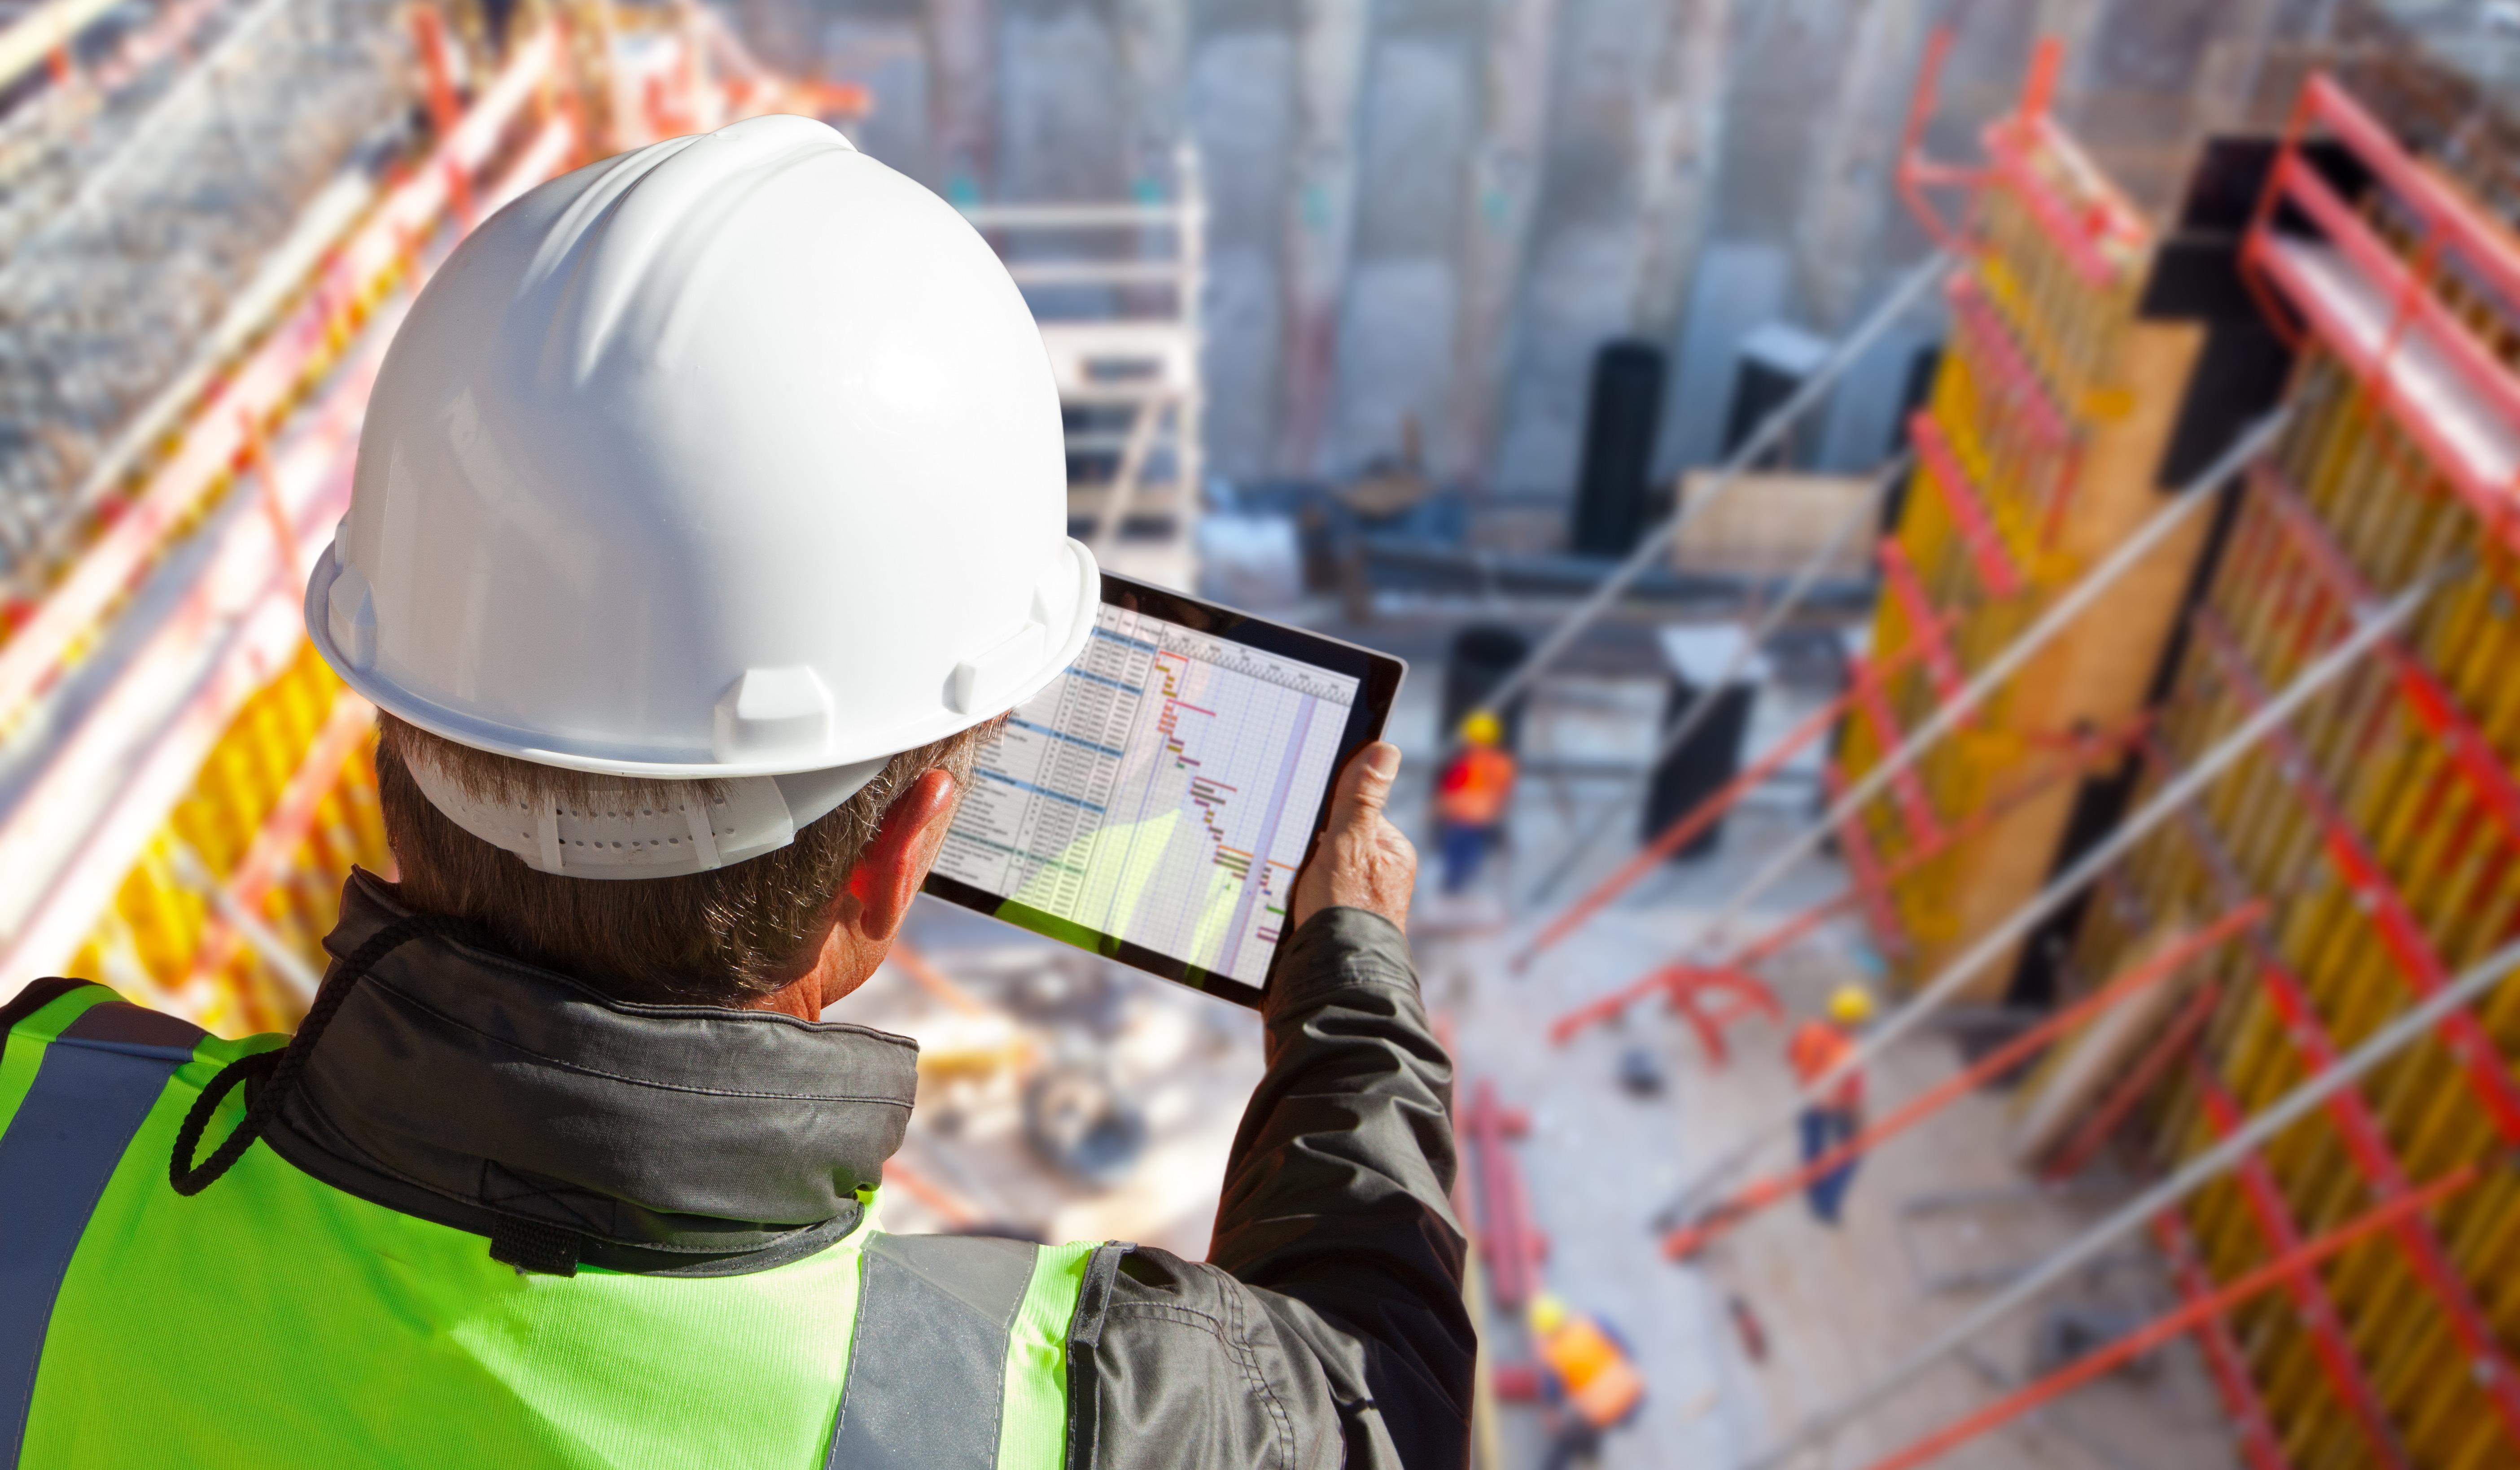 Fra fossilfri til utslippsfri byggeplass innen 2025 – er du klar?